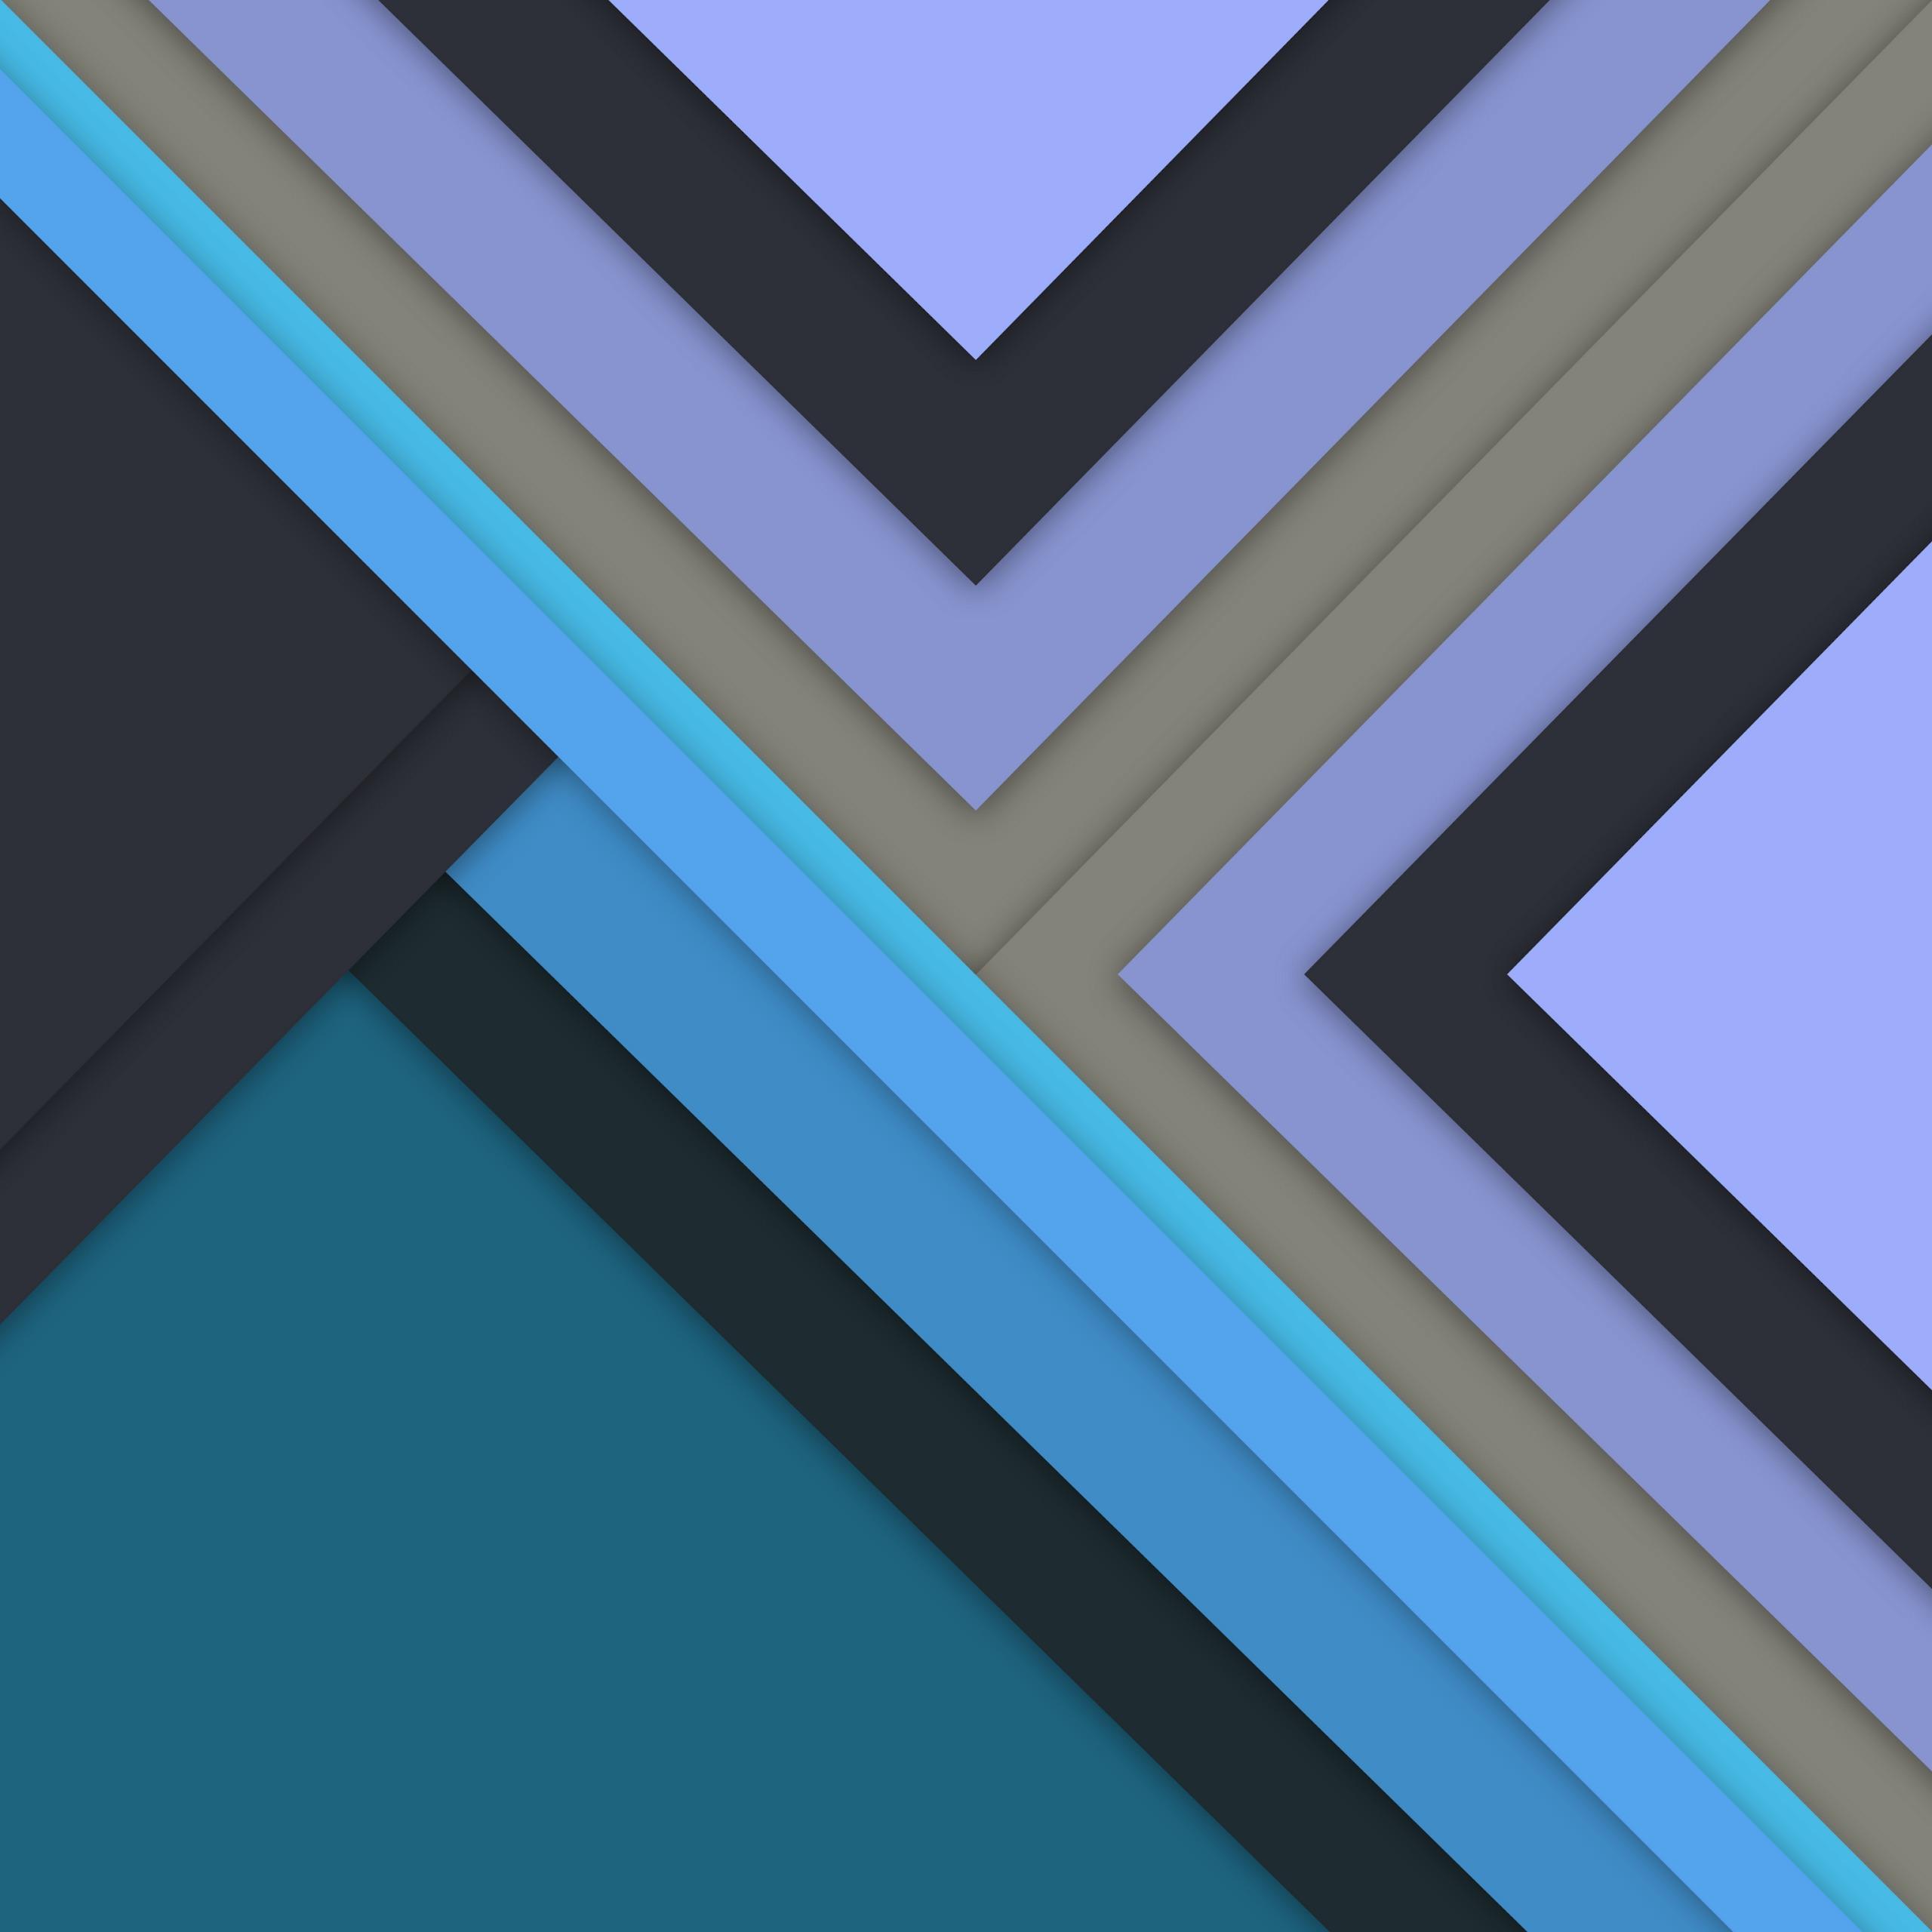 Линии фигуры material design  № 3215782 бесплатно